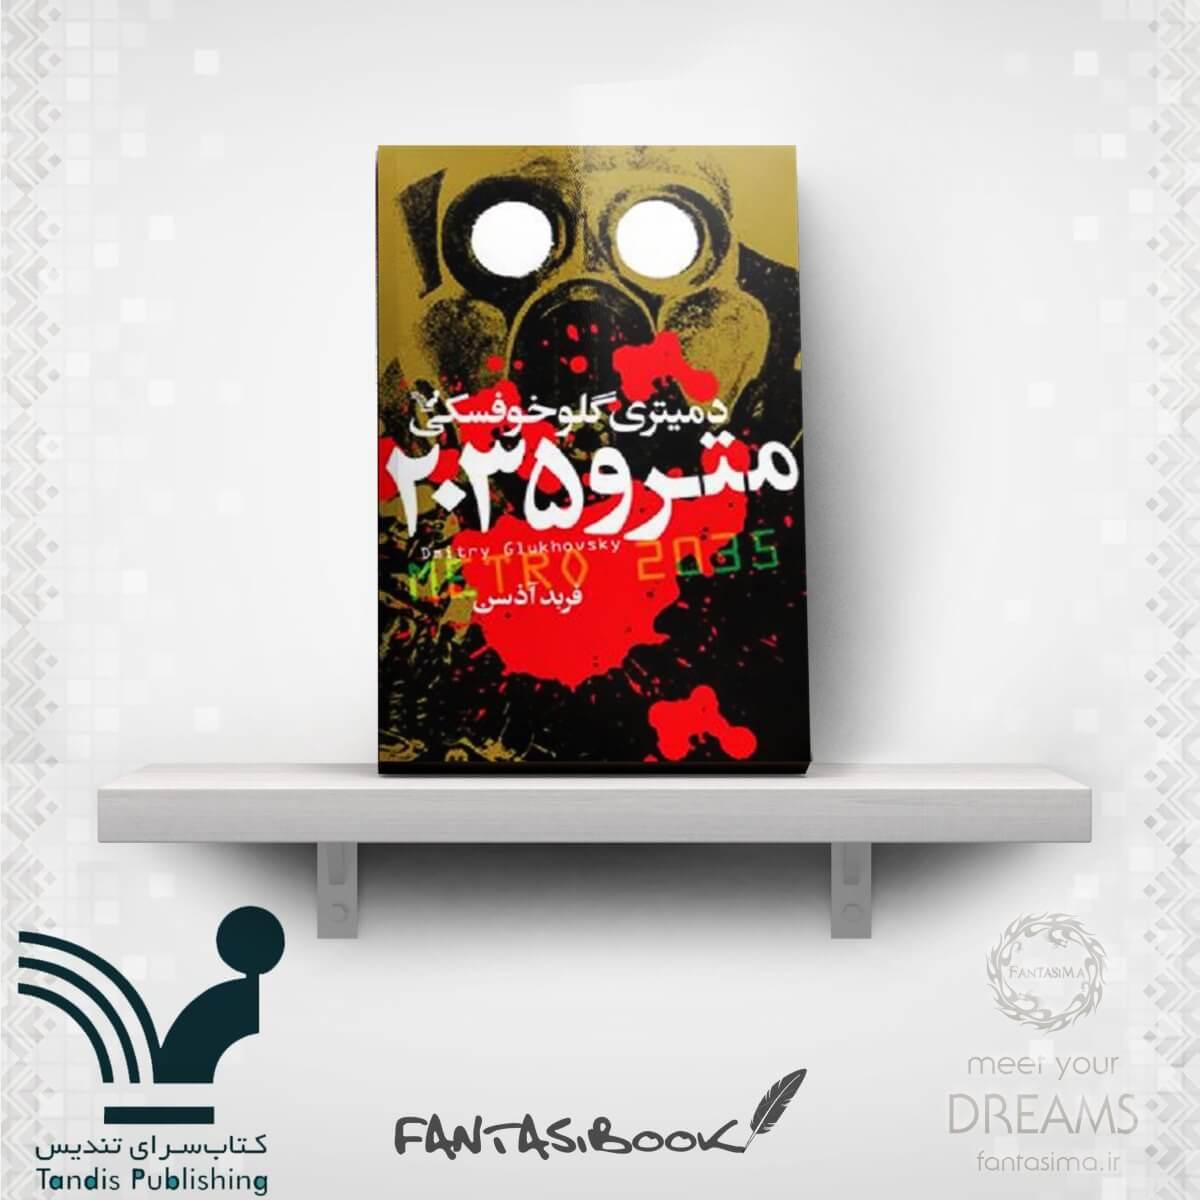 کتاب مترو - جلد 3 - مترو 2035